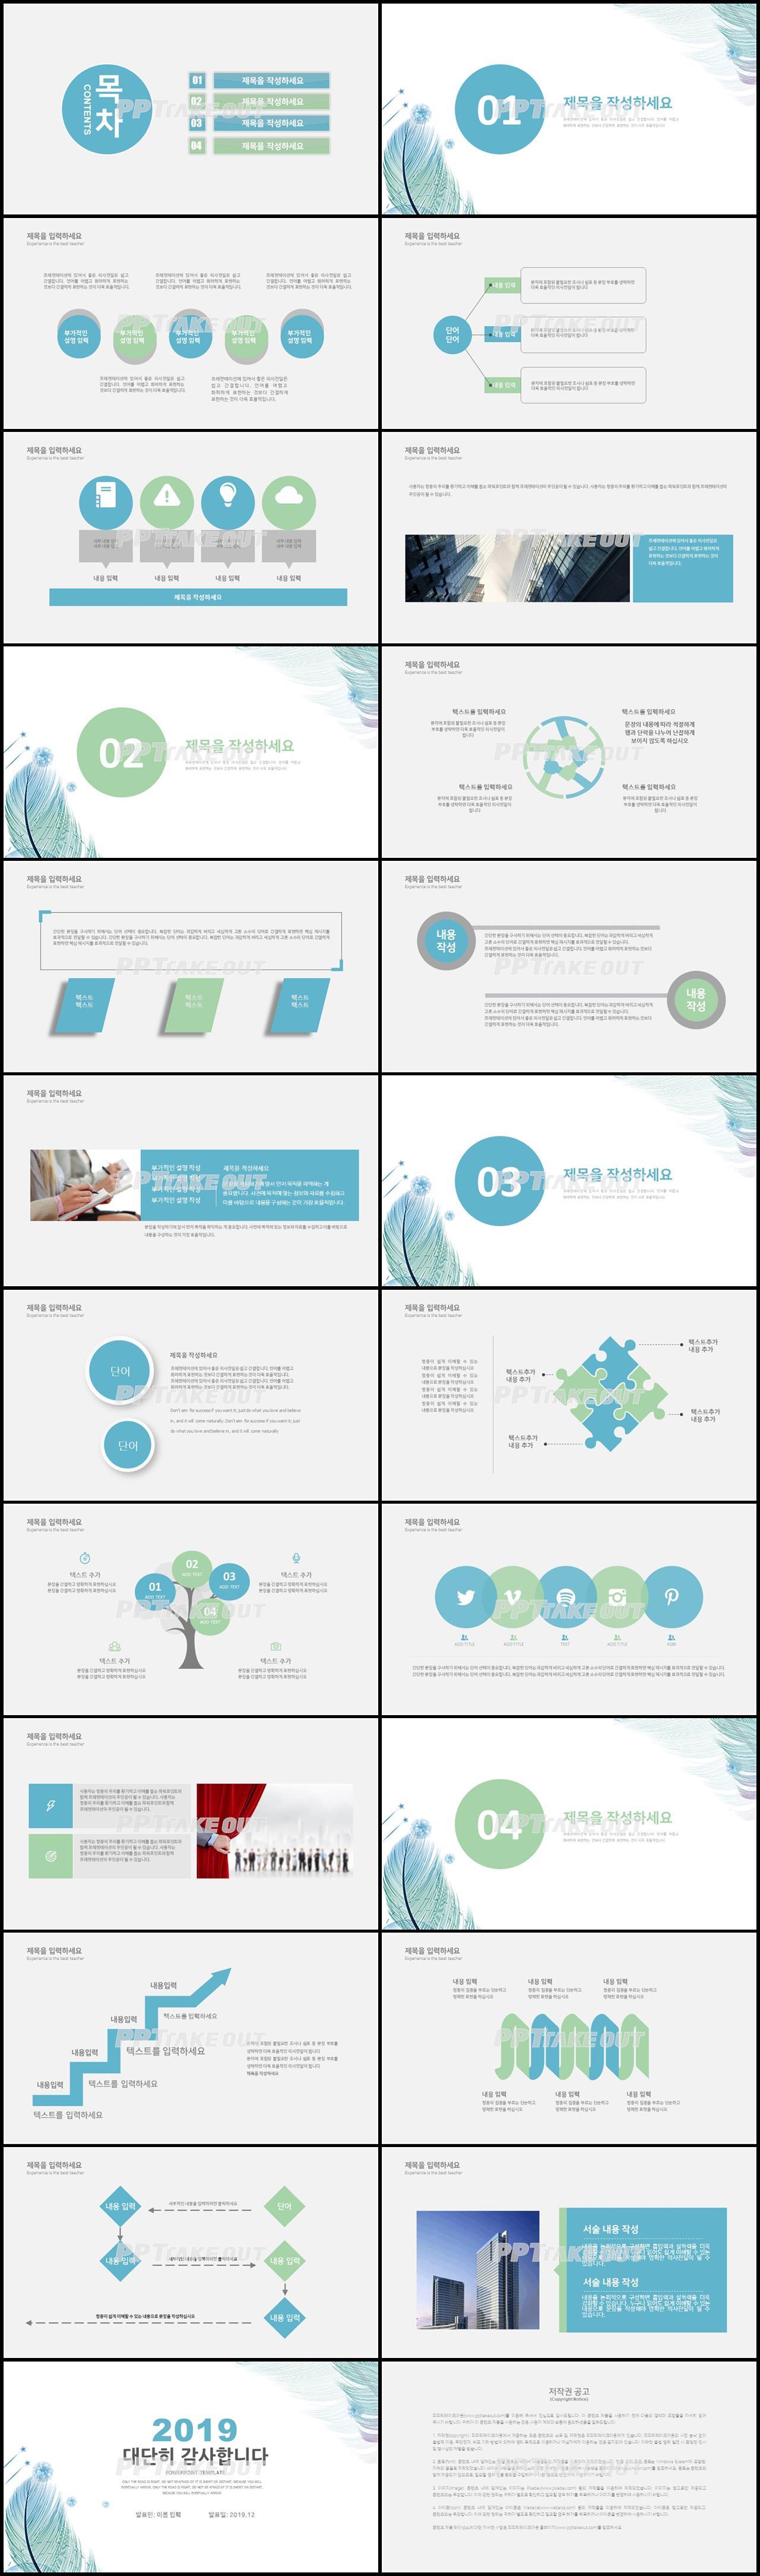 일정관리 파란색 수채화 프레젠테이션 PPT템플릿 만들기 상세보기